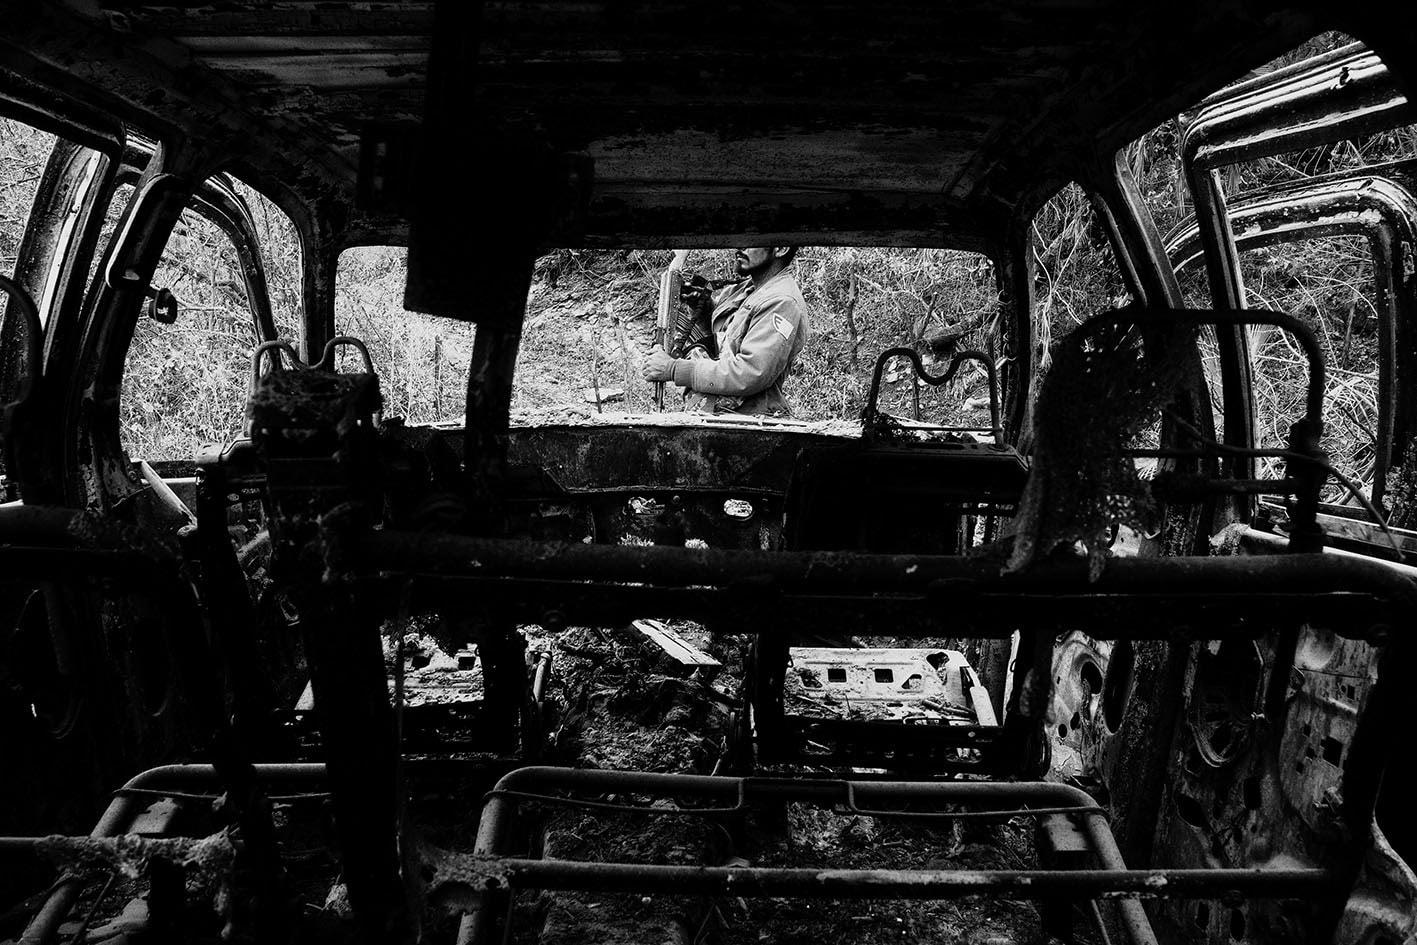 亀山 亮 写真展「メキシコ・日常の暴力と死」